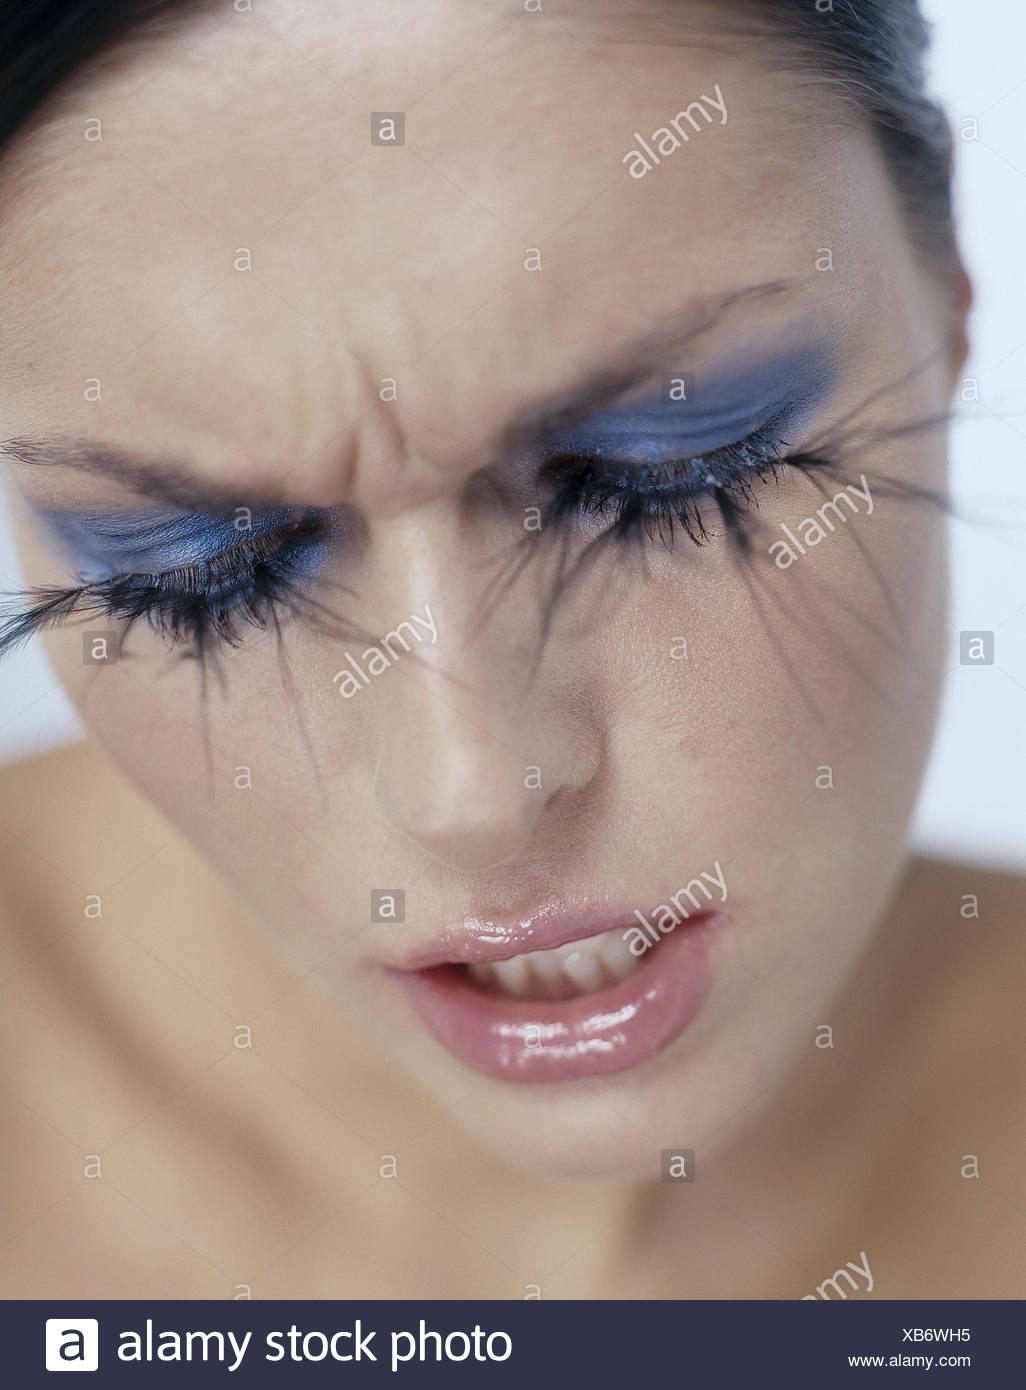 Frau jung augen make up extravagant wimpern portrt frauen frau jung augen make up extravagant wimpern portrt frauen portrt blick geschminkt schminke make up kosmetik blick gesenkt knstliche wimpern thecheapjerseys Images